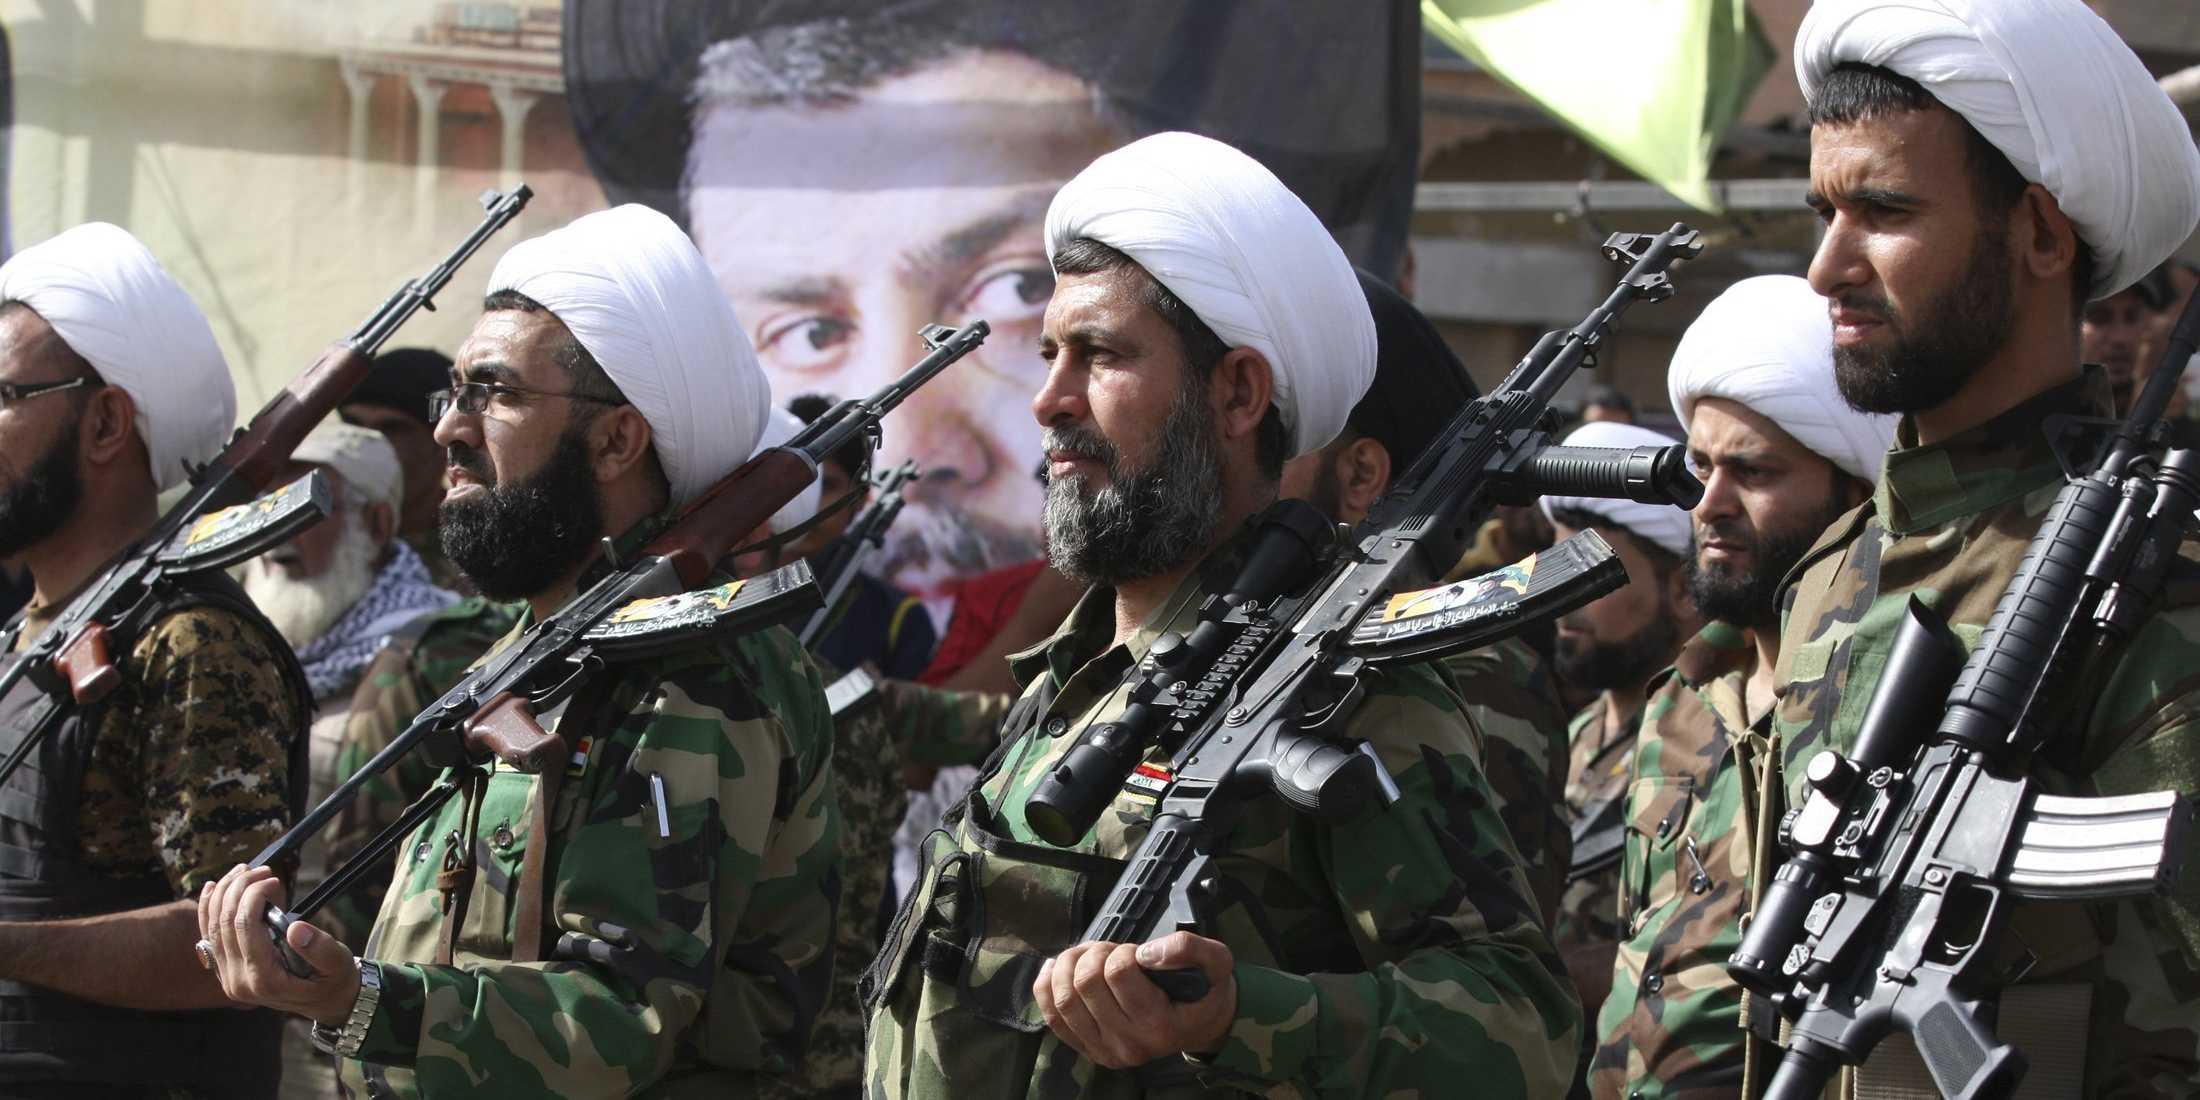 """رايتس ووتش"""" تدعو العراق وأمريكا لـ""""عدم إشراك فصائل شيعية بمعركة الموصل"""""""